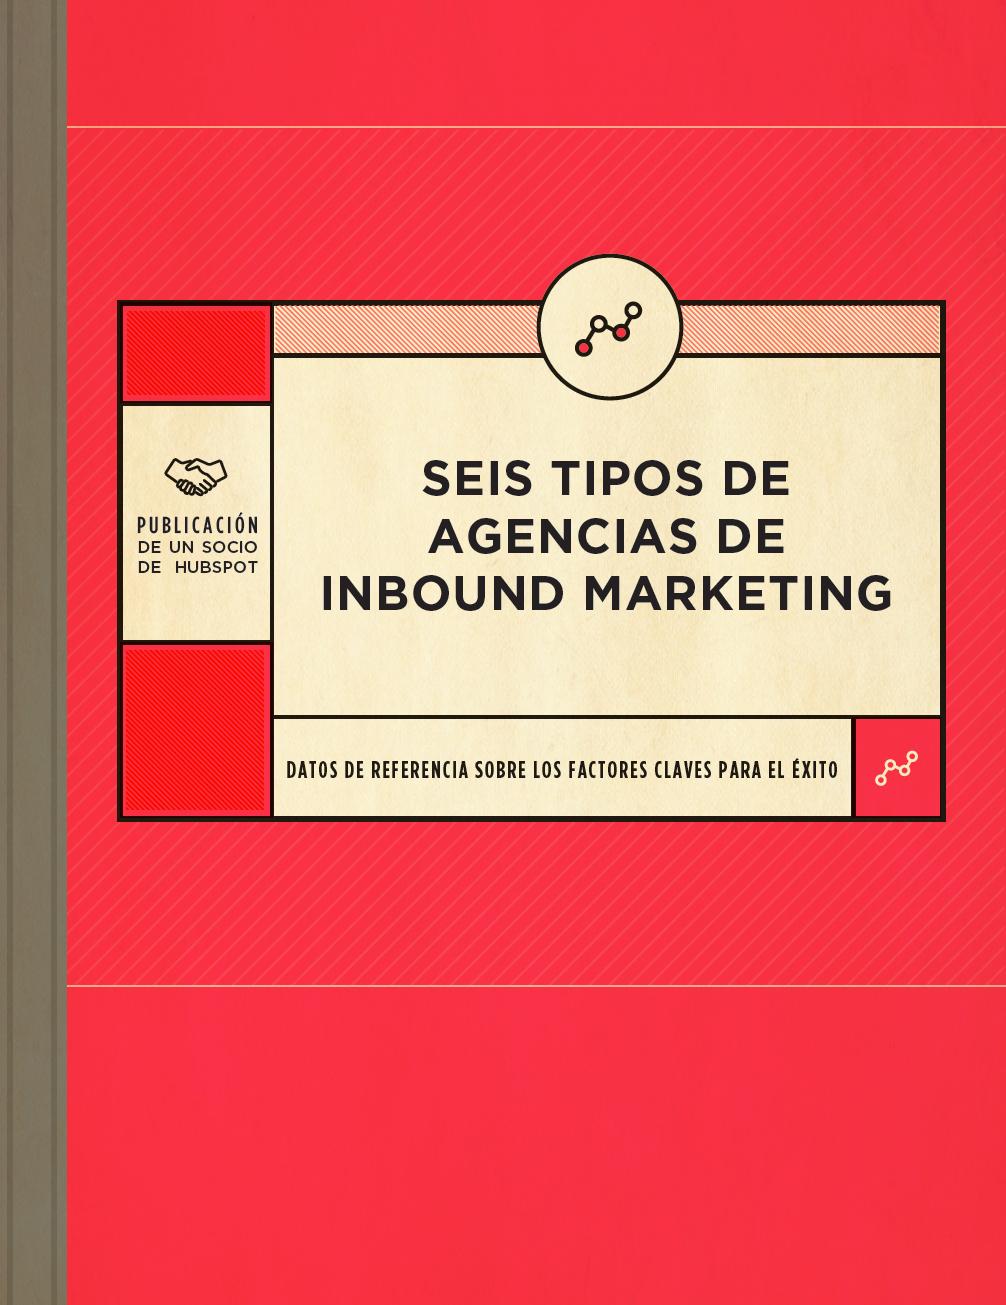 6 tipos de agencias de inbound marketing